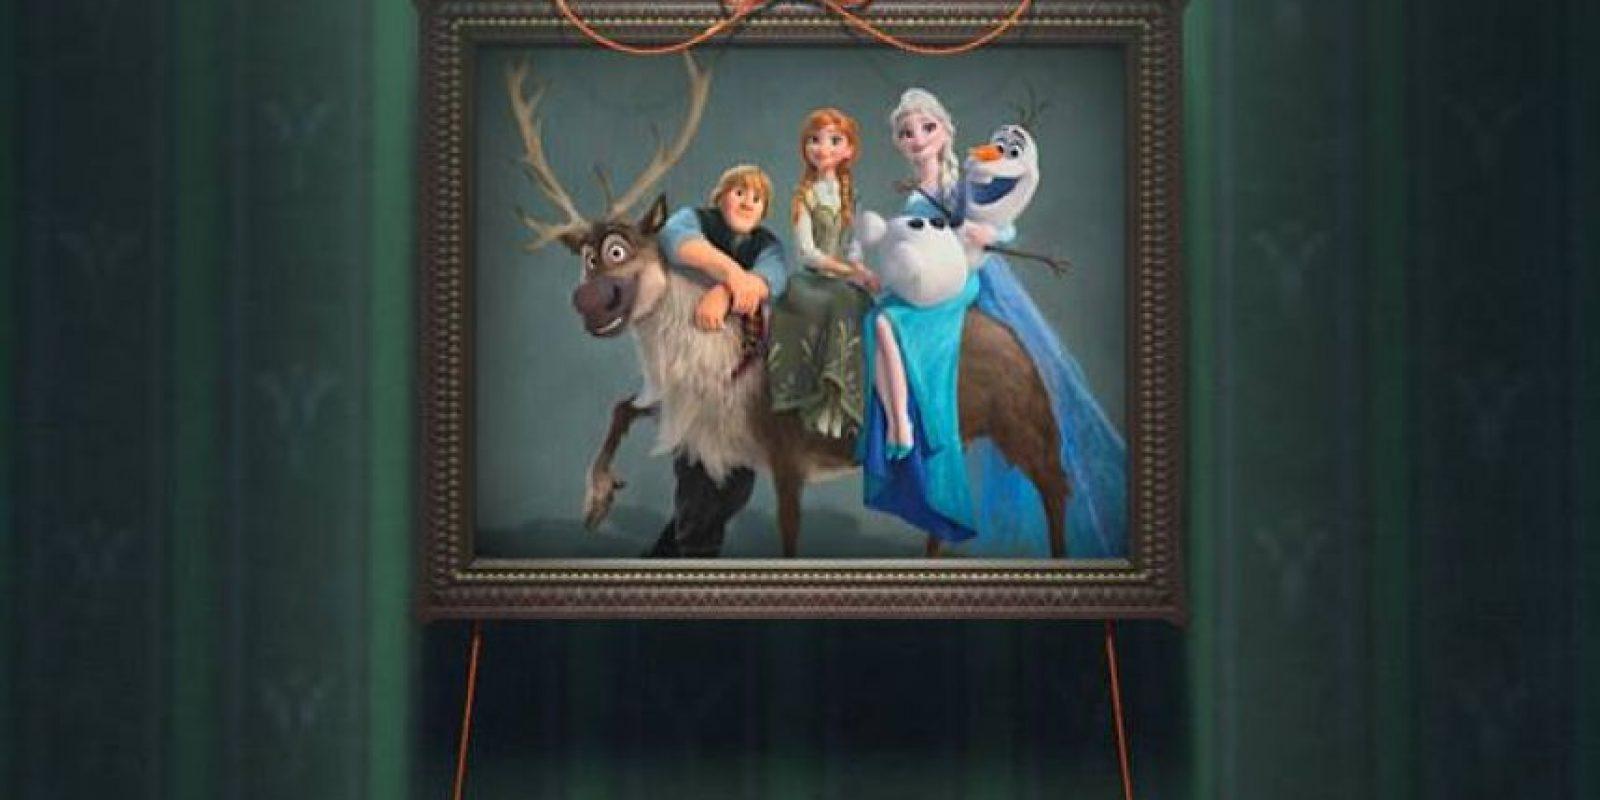 """En los bocetos, Elsa era mala hasta que los productores escucharon la canción """"Let it go"""" en la versión latina y cambiaron todo el personaje. Foto:vía facebook.com/DisneyFrozen"""